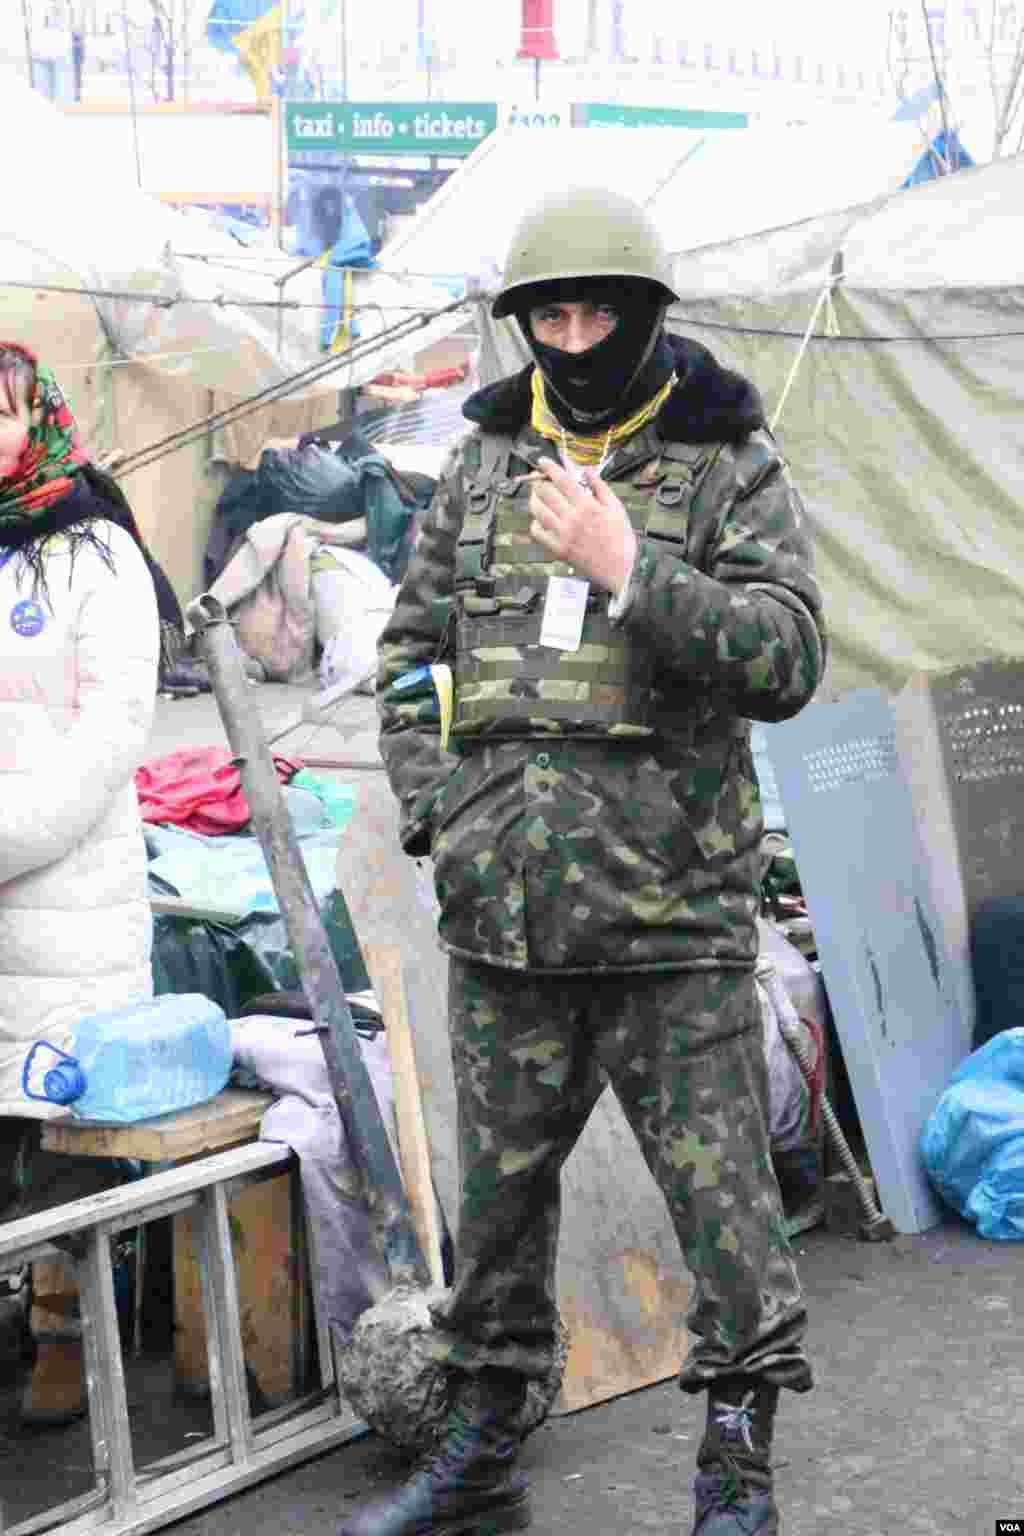 Перемирие между властью и оппозицией не затронуло количество представителей самообороны палаточного лагеря противников политики президента Виктора Януковича.